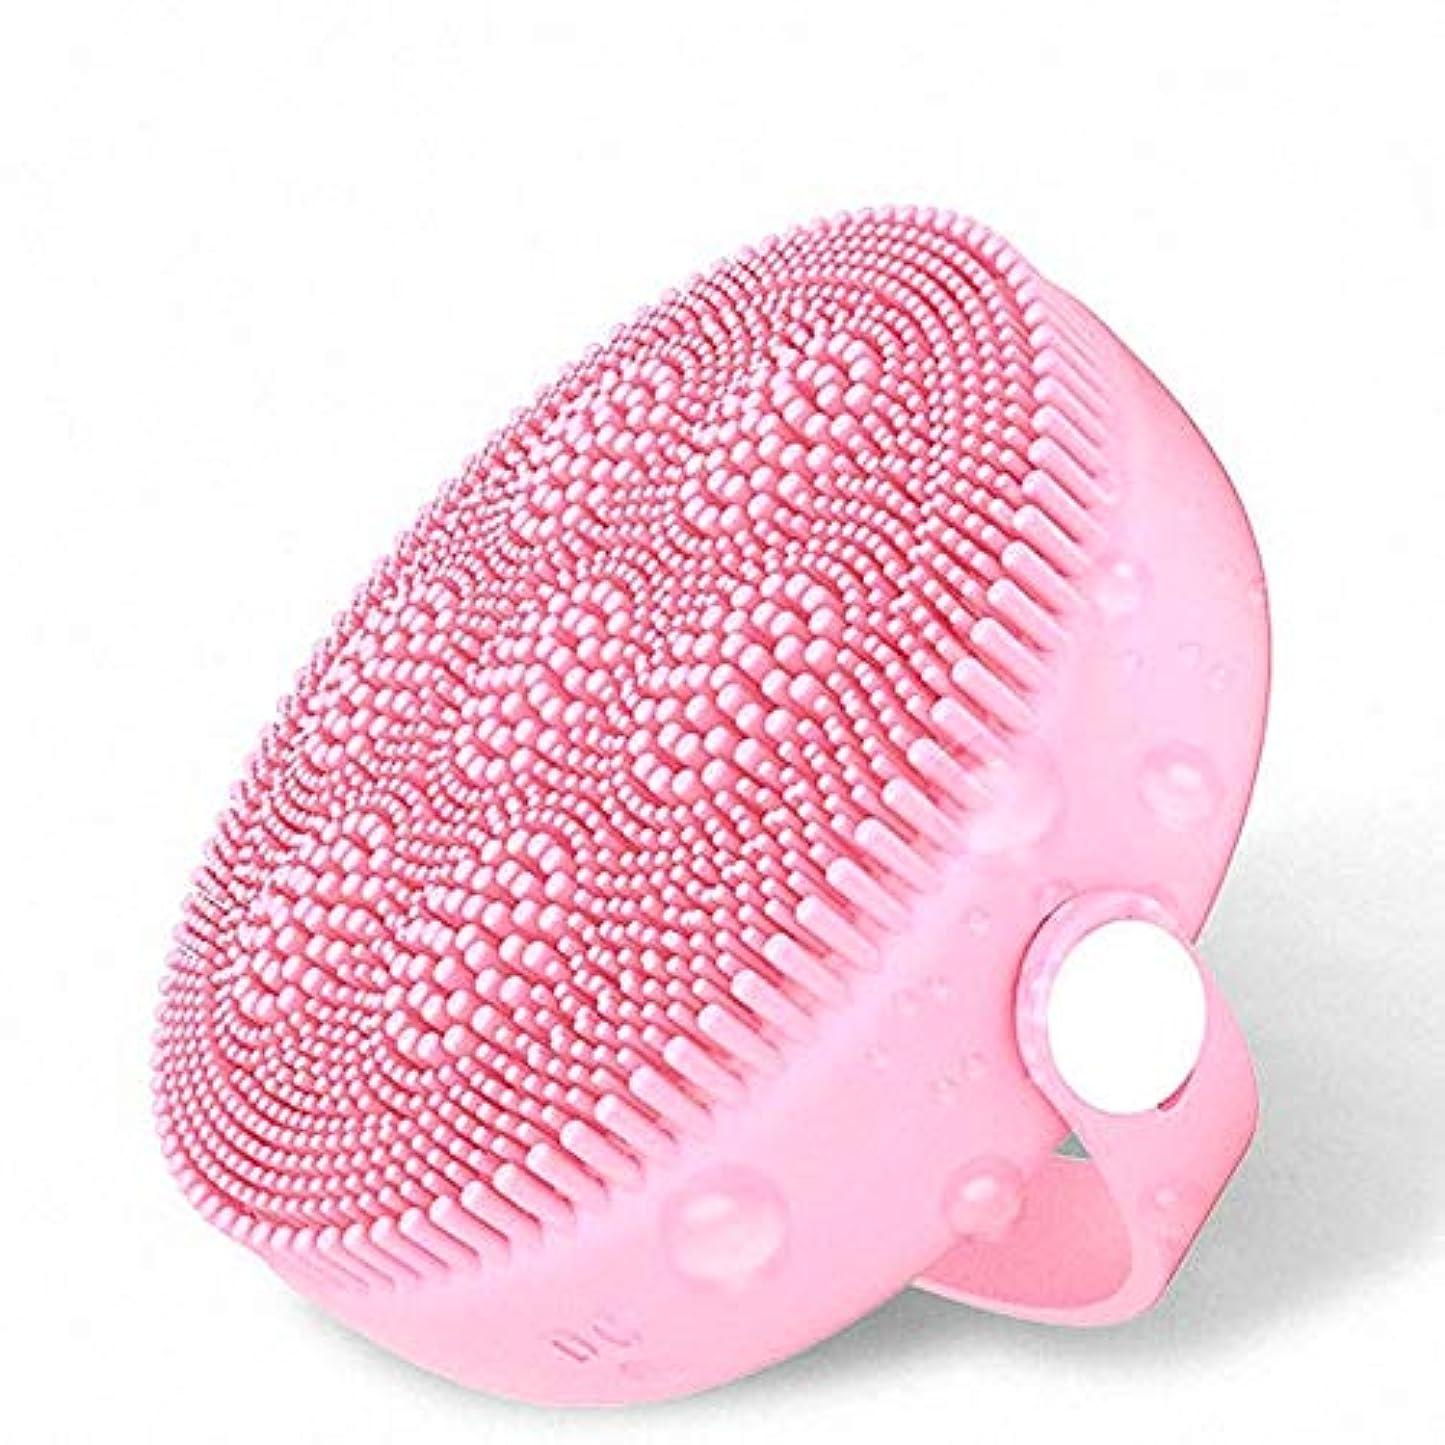 ホステル咳電化するフェイシャルクレンジングブラシ、ソニックフェイスブラシ6モード、防水フェイスクリーニング、スキンケアフェイスマッサージ